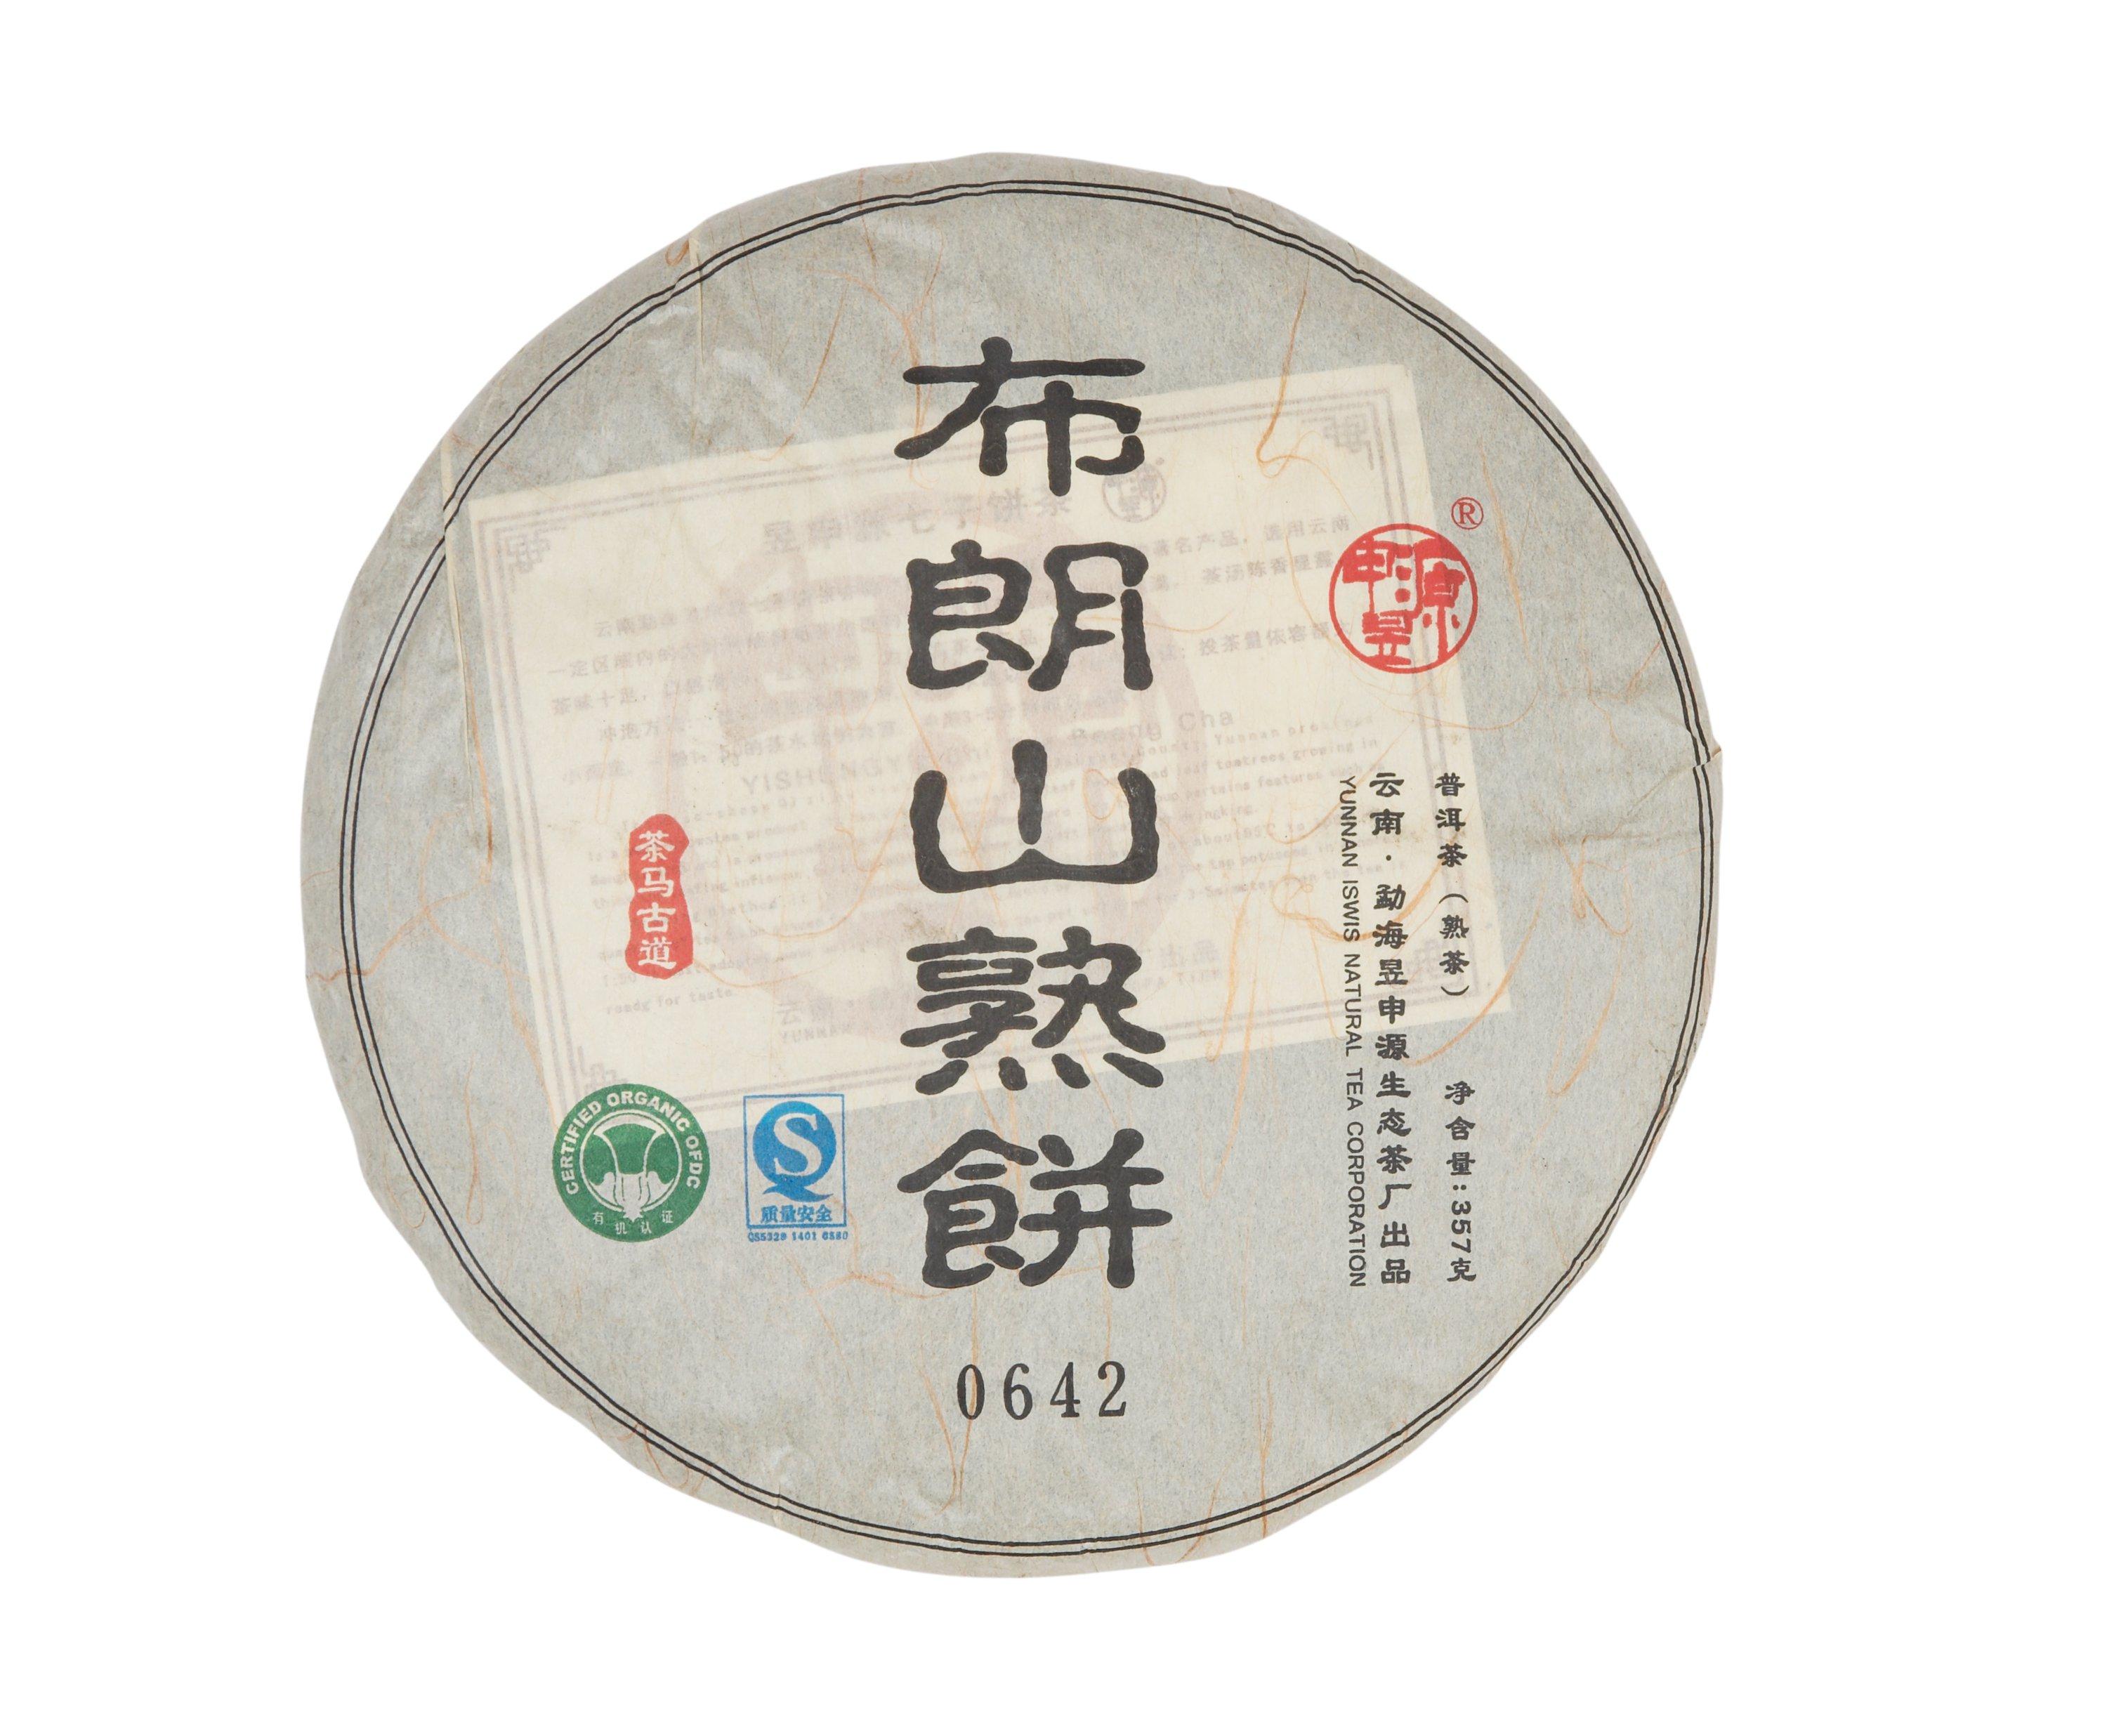 Шу Пуэр Органик (Блин) 2010 г. Юннань, 357 г